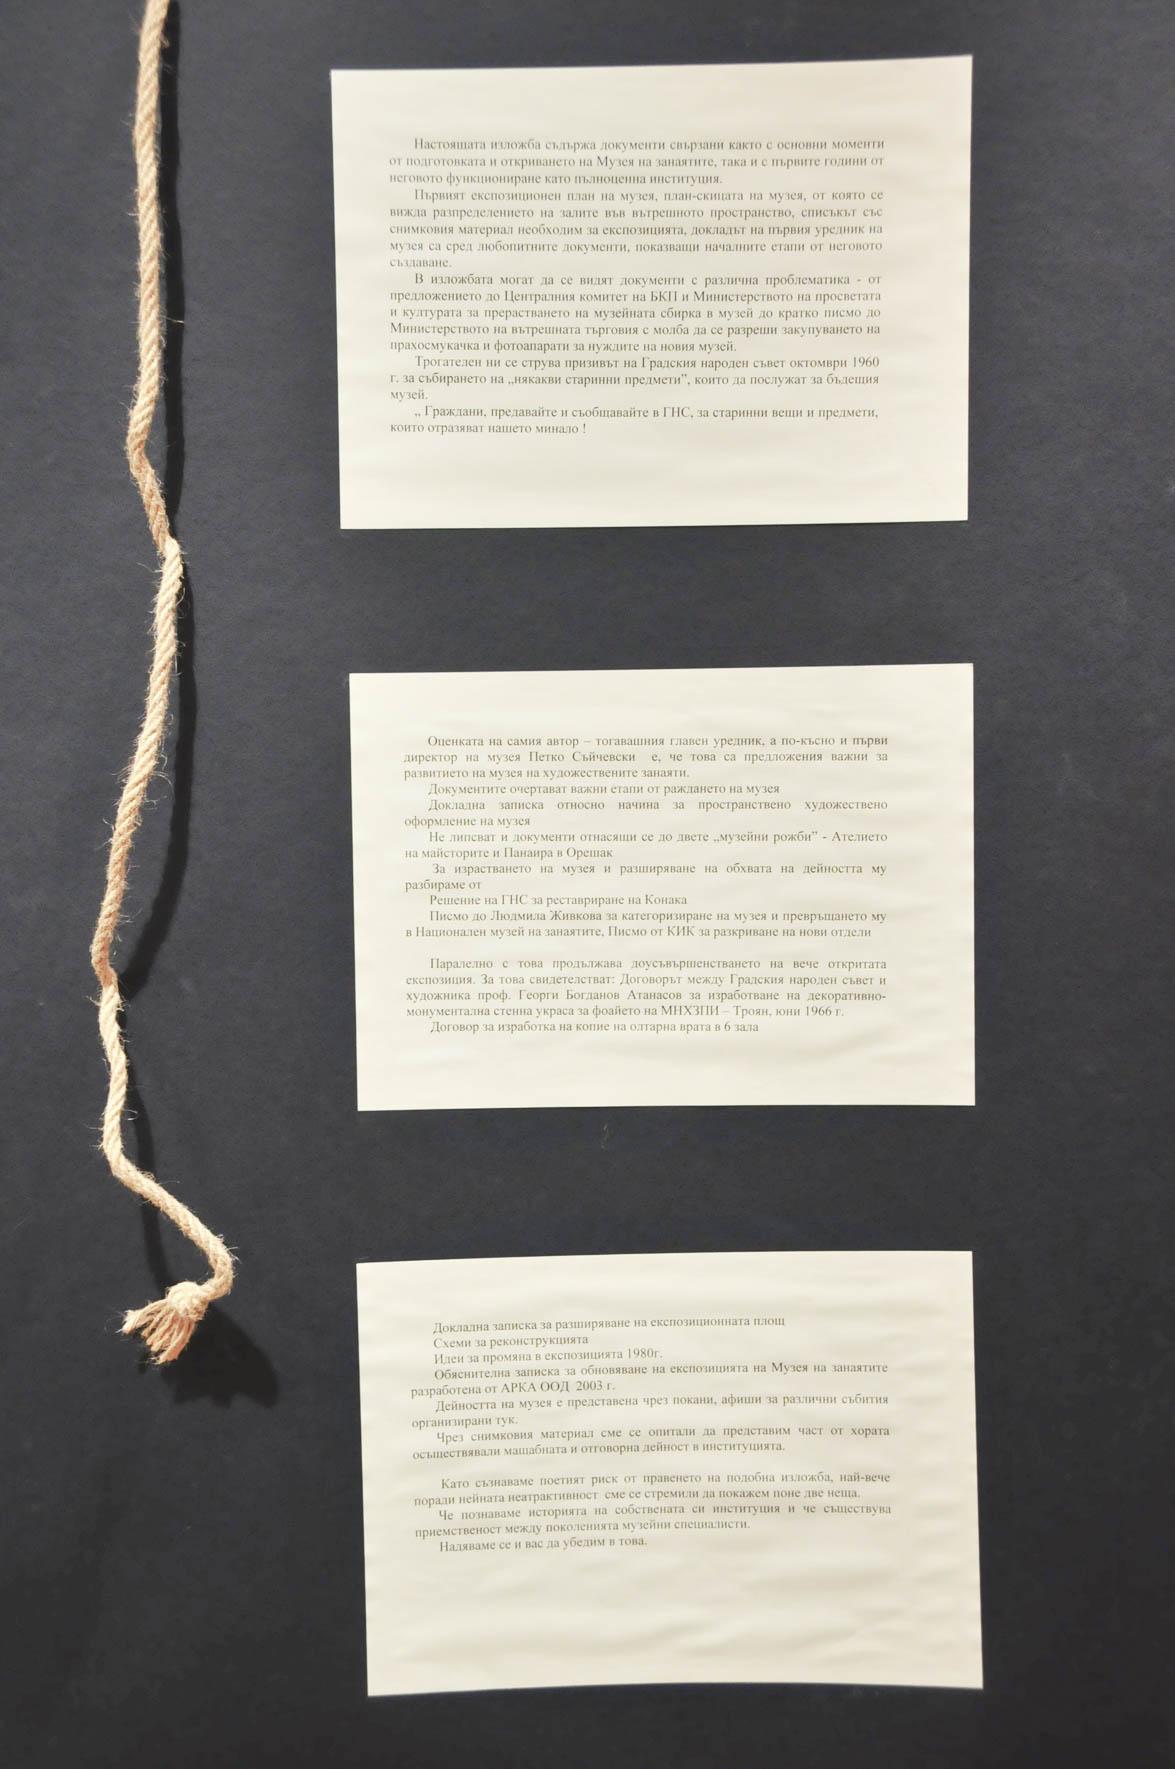 troyan-museum-razkaz-dokumenti-30